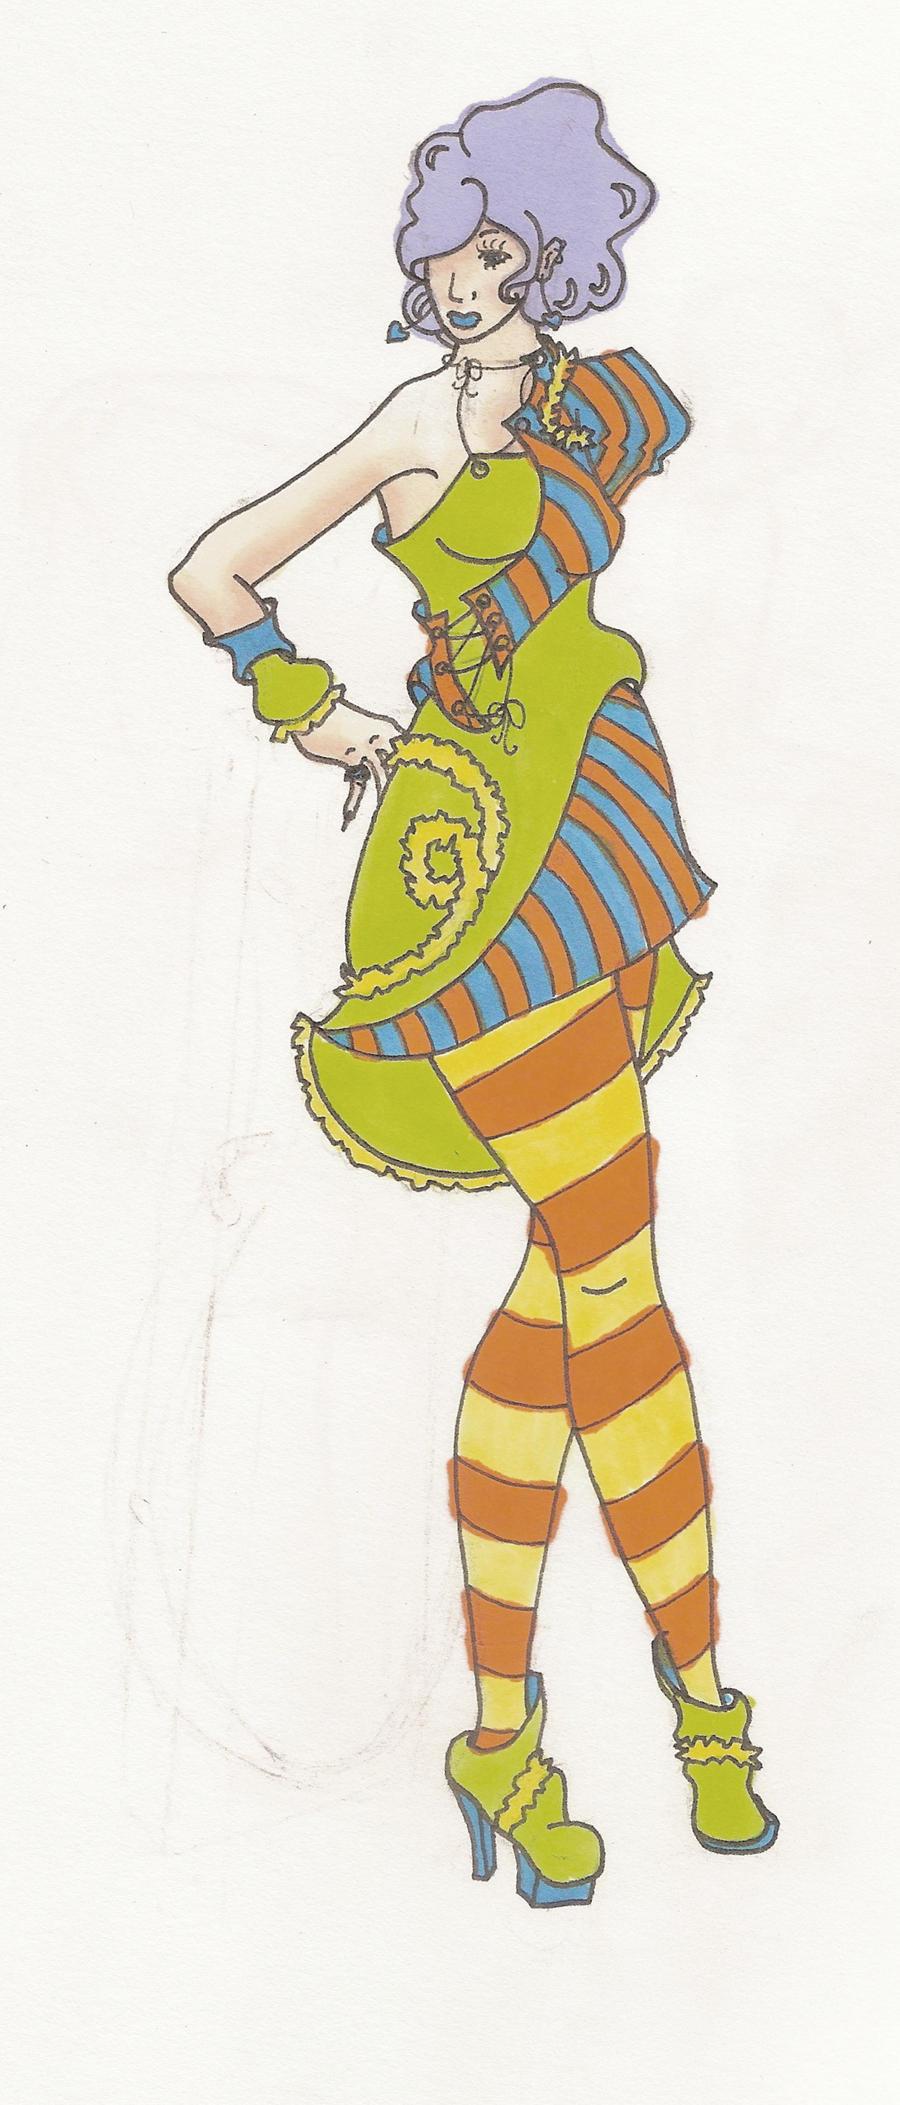 Retro Dress Design by phantomonex